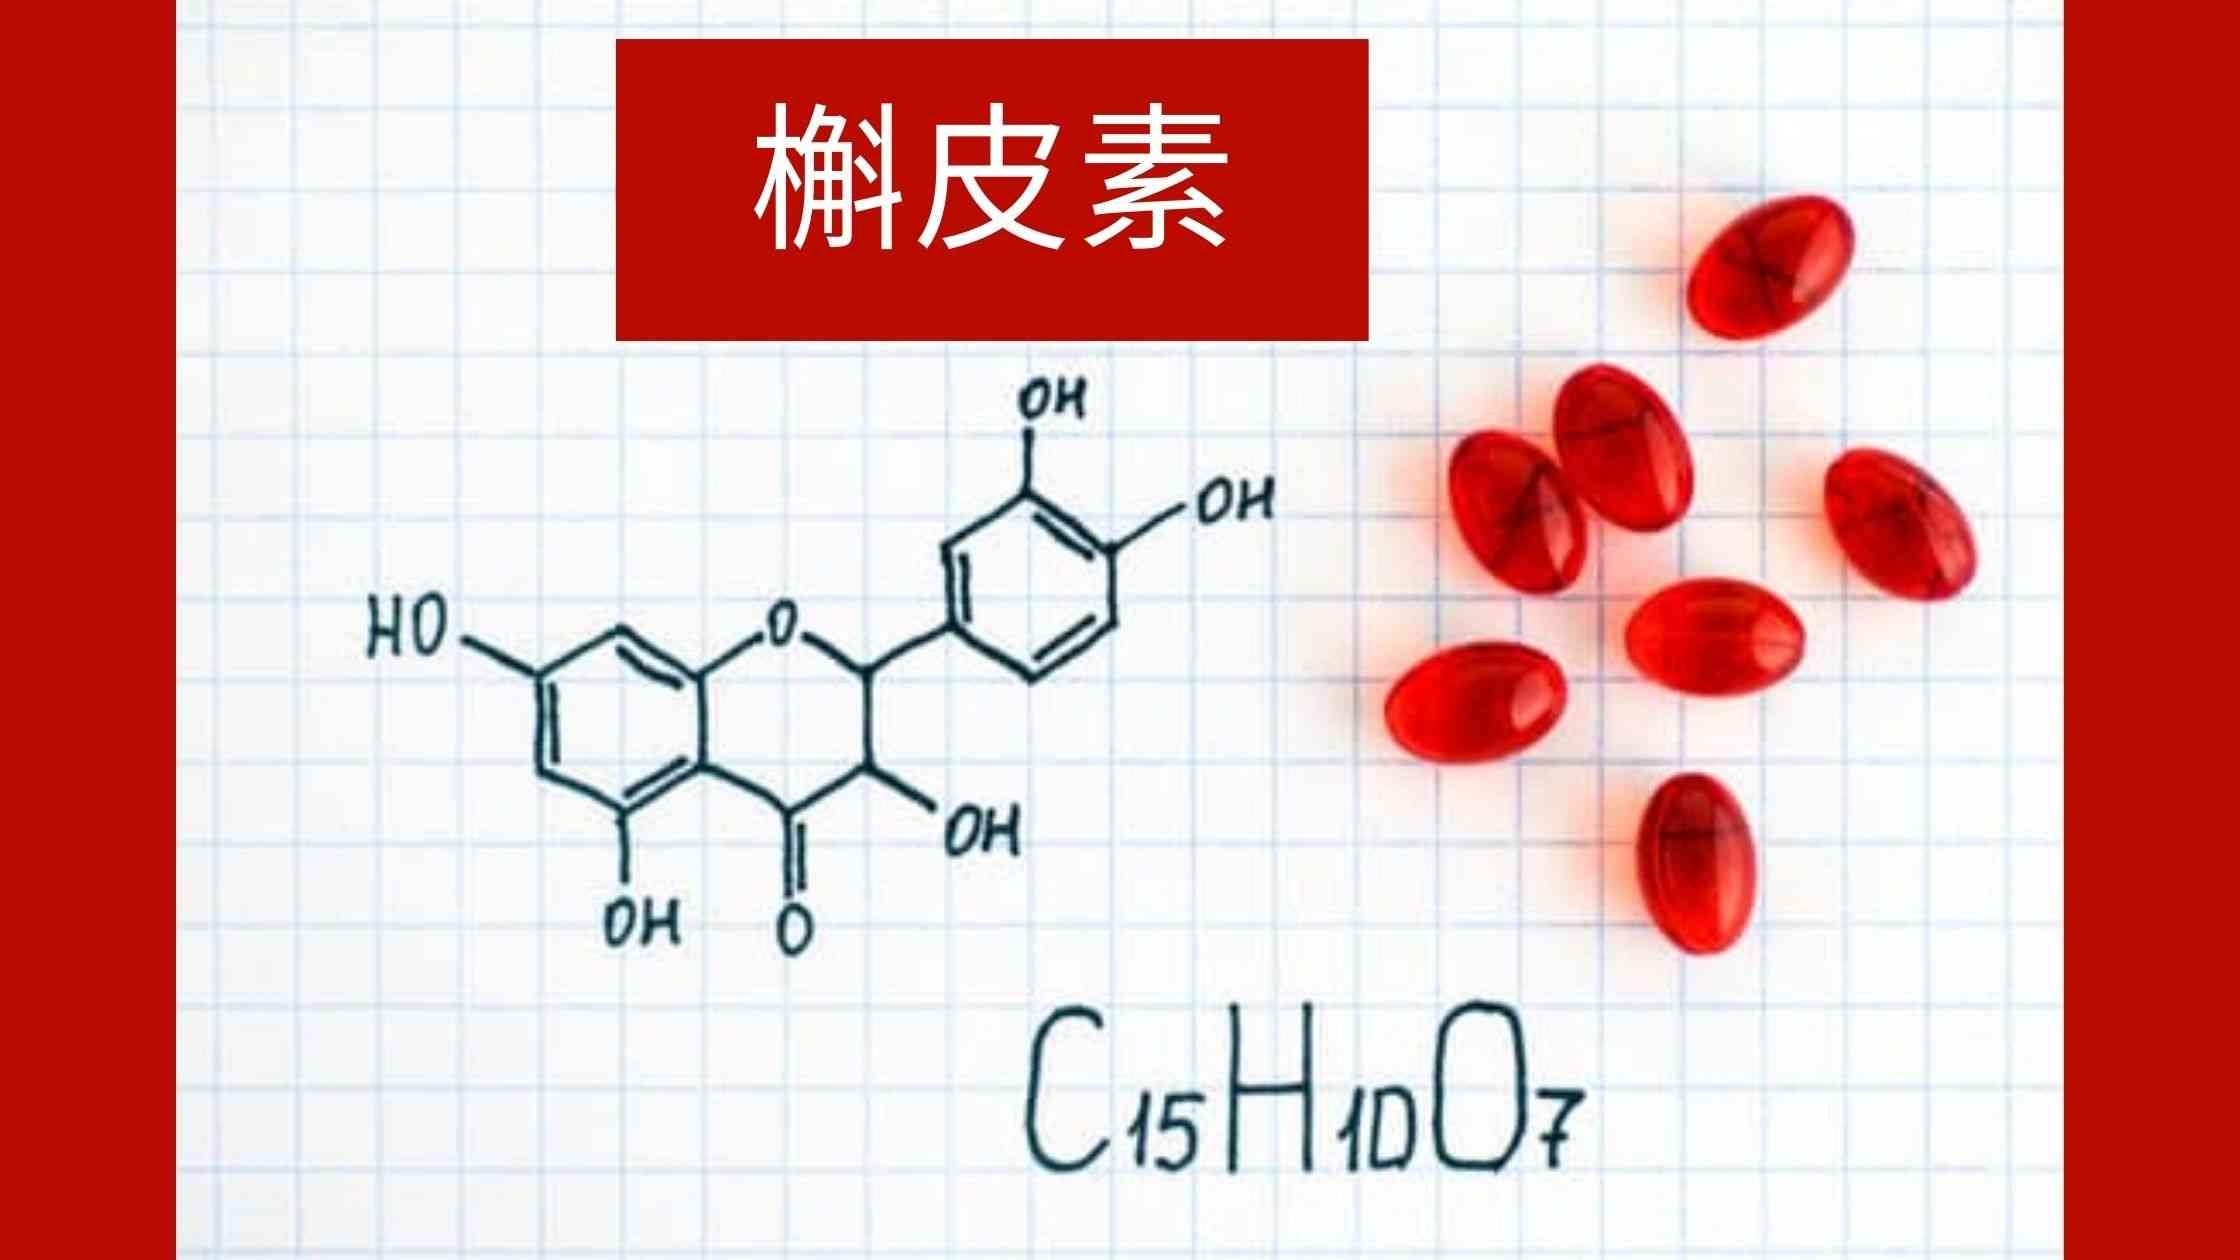 槲皮素有助于减轻湿疹症状